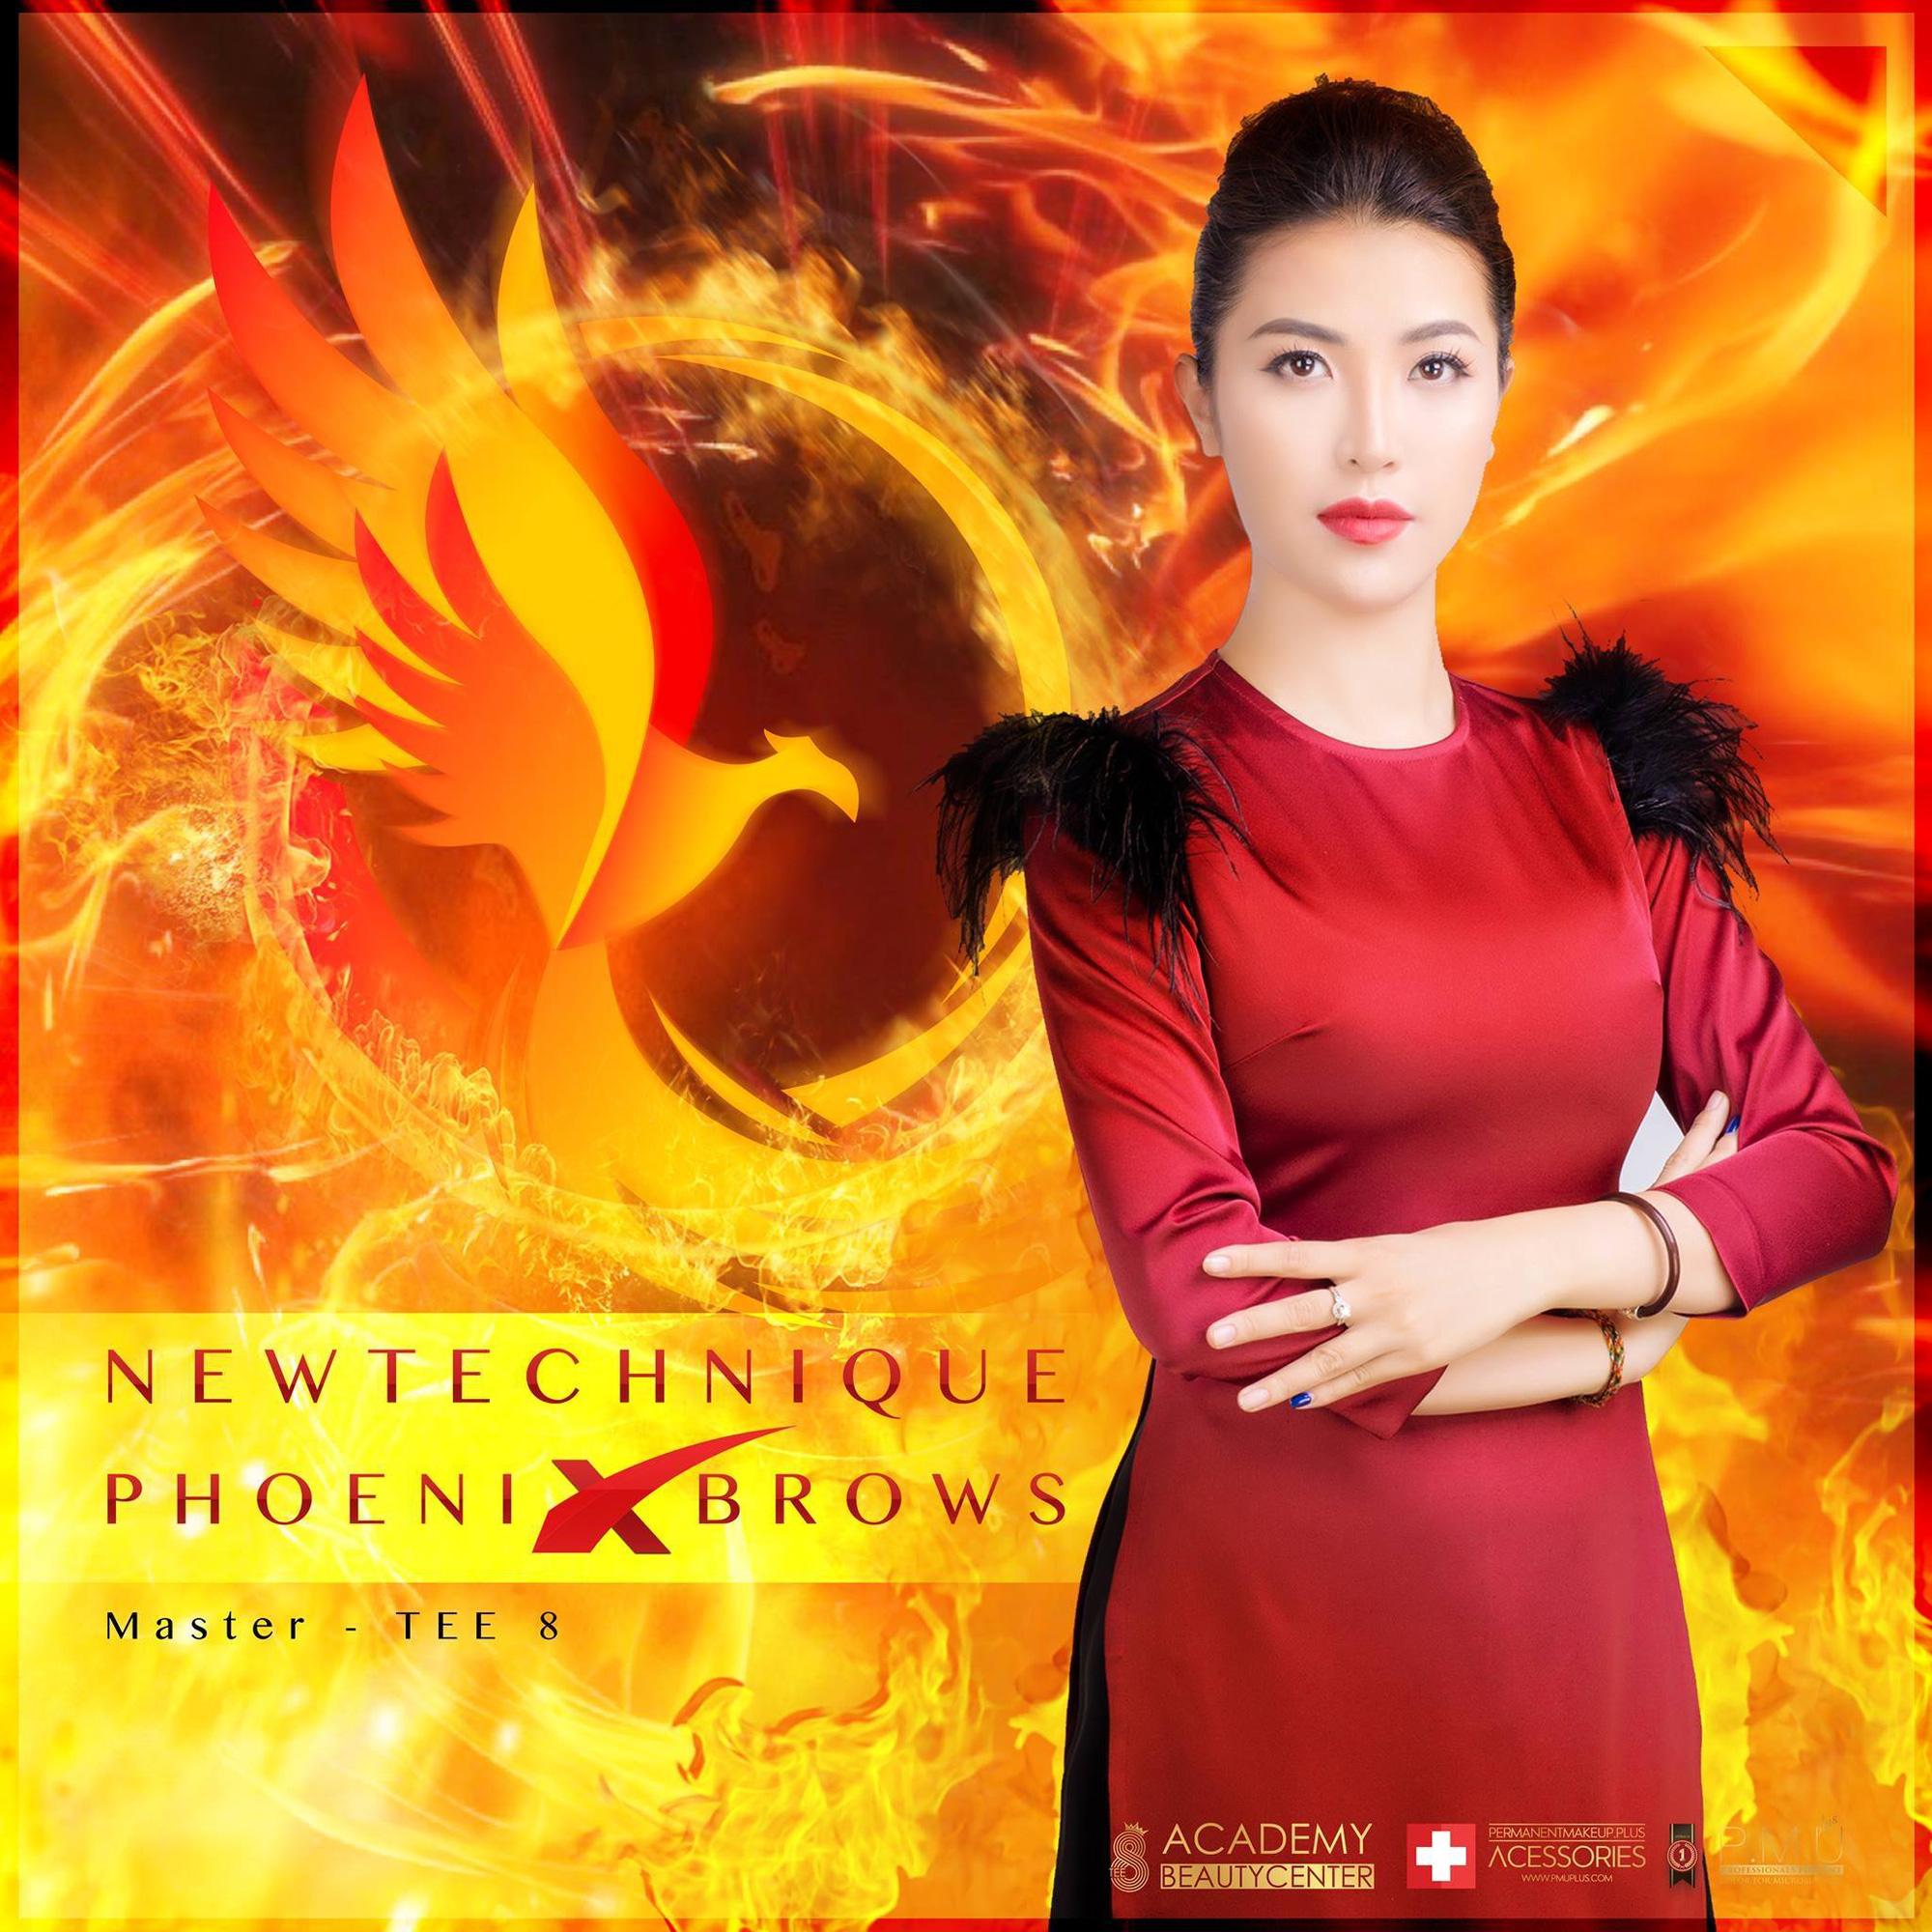 Nâng tầm giá trị ngành phun xăm Việt Nam với kỹ thuật chân mày phượng hoàng của TEE8 Beauty Academy - Ảnh 1.